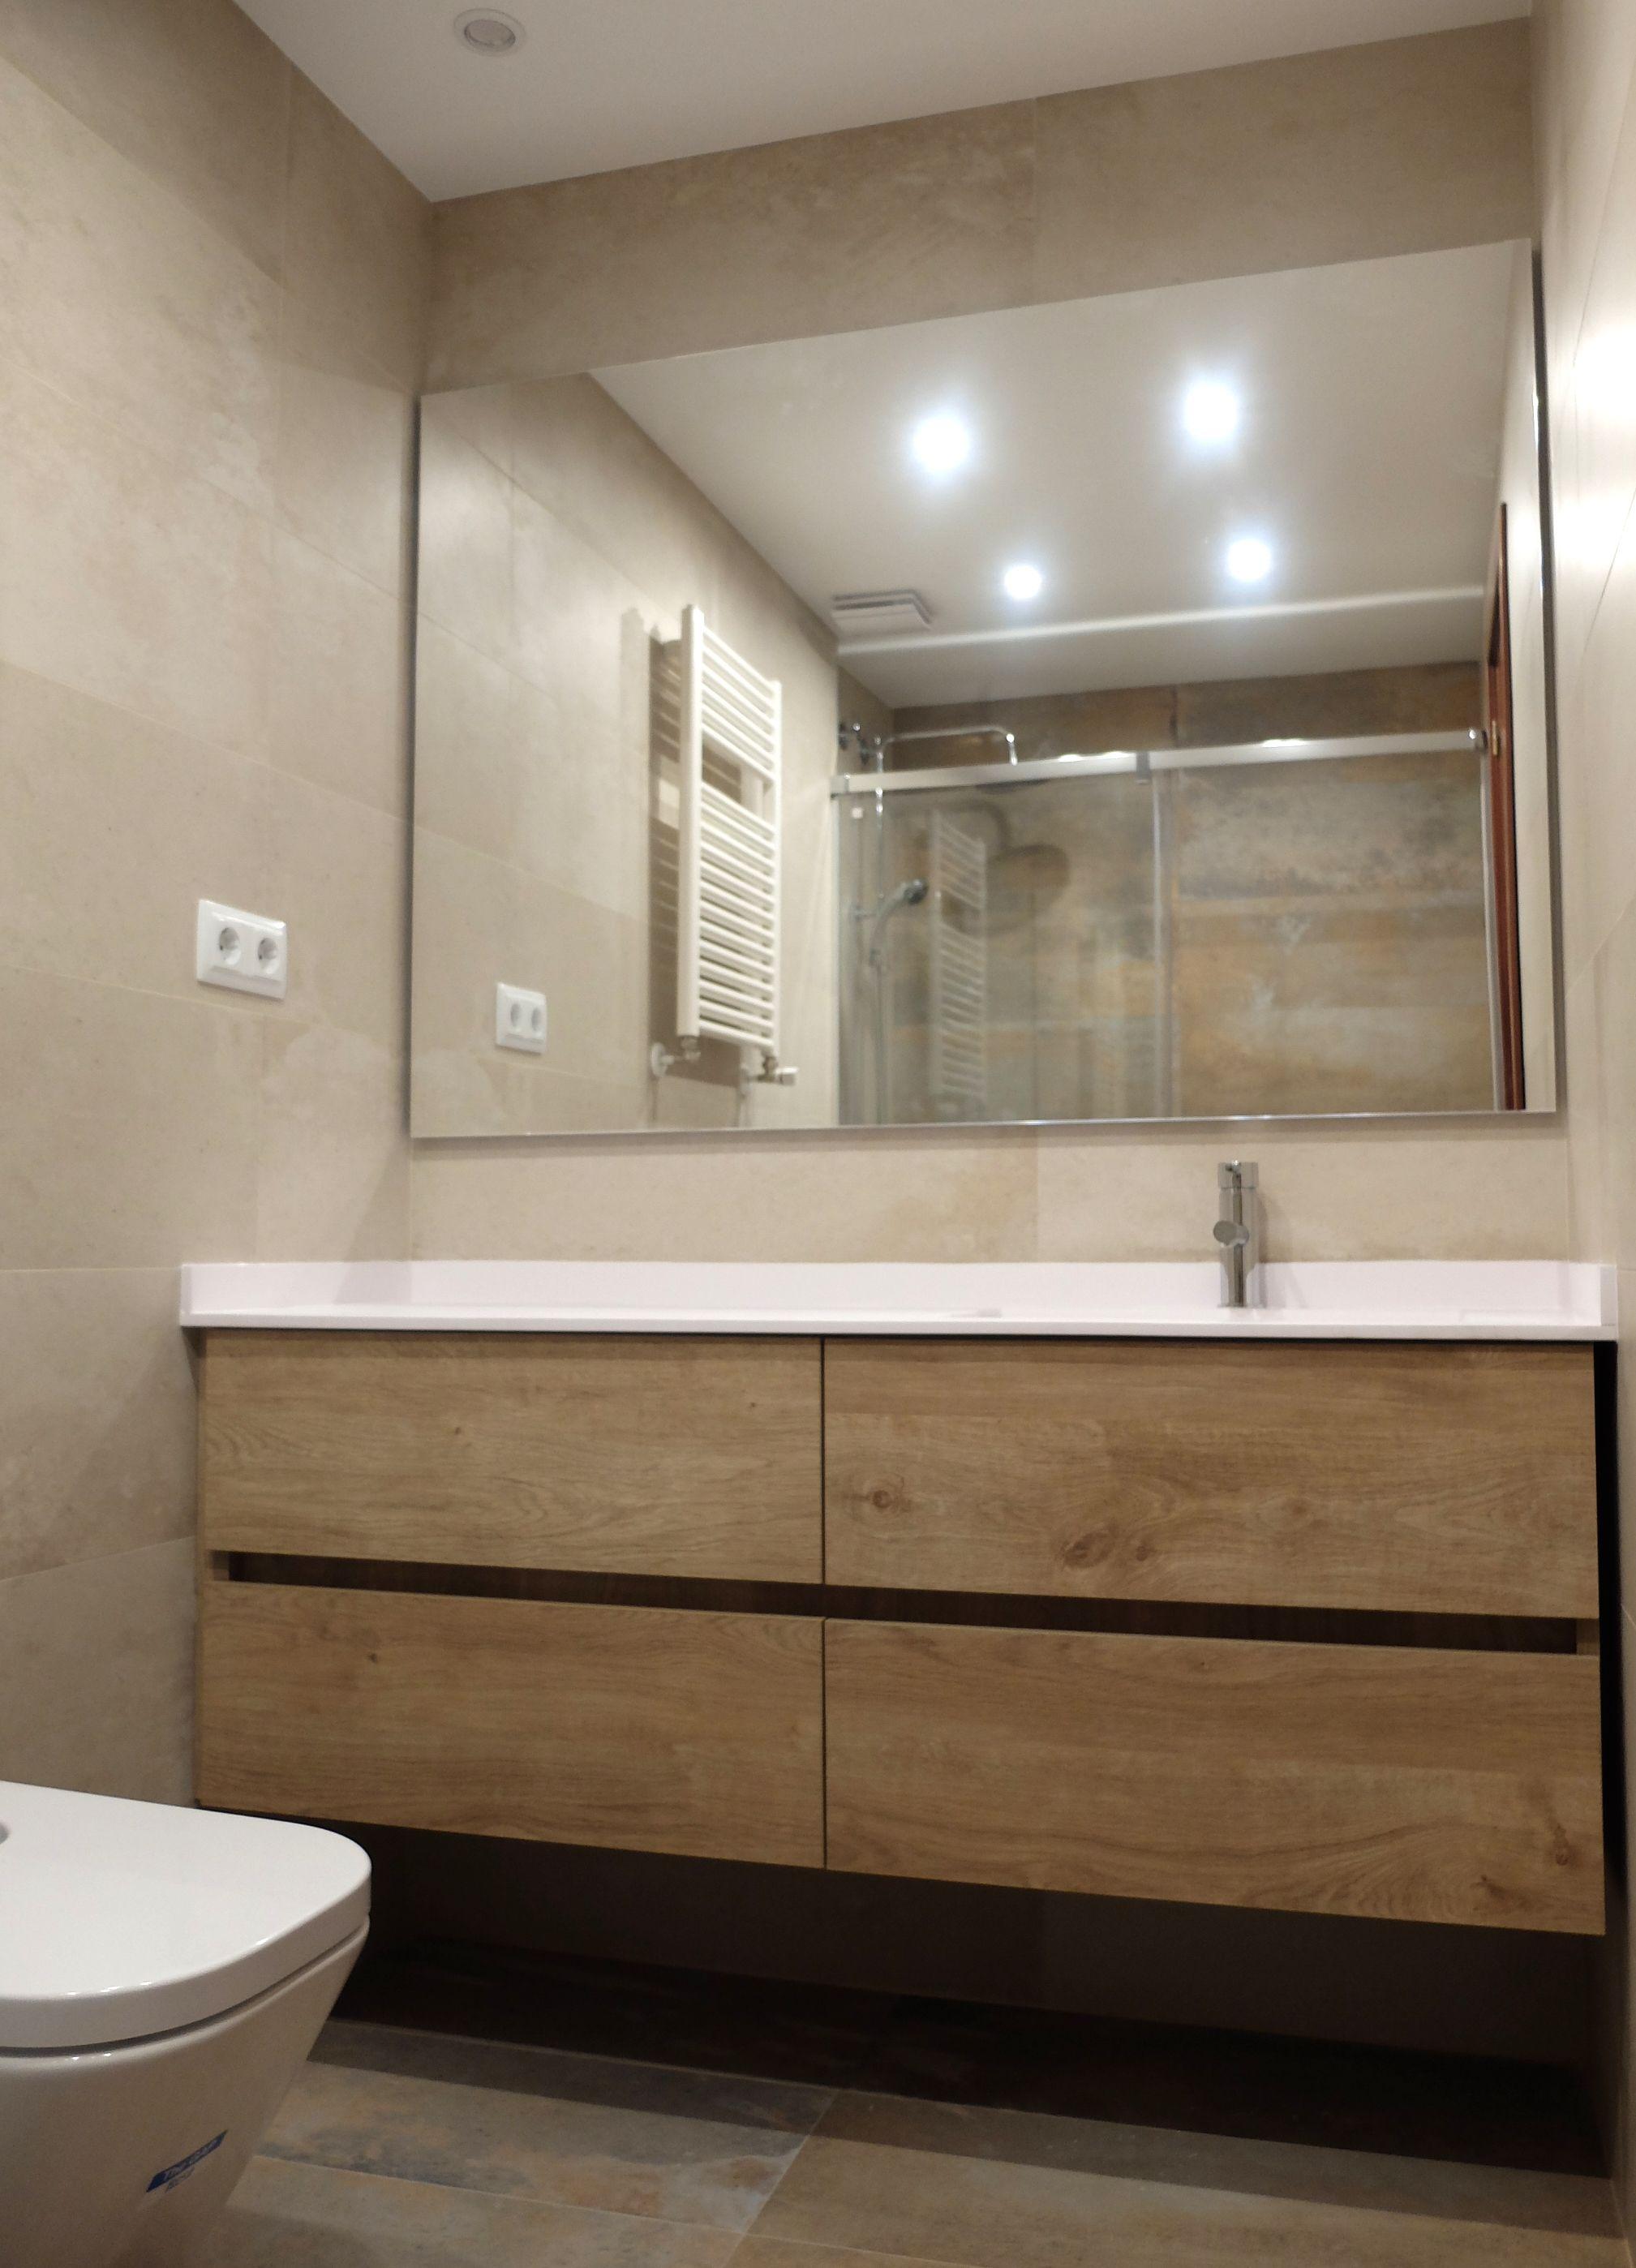 Reforma de ba o en barcelona con mueble laminado imitaci n - Muebles para bano ...